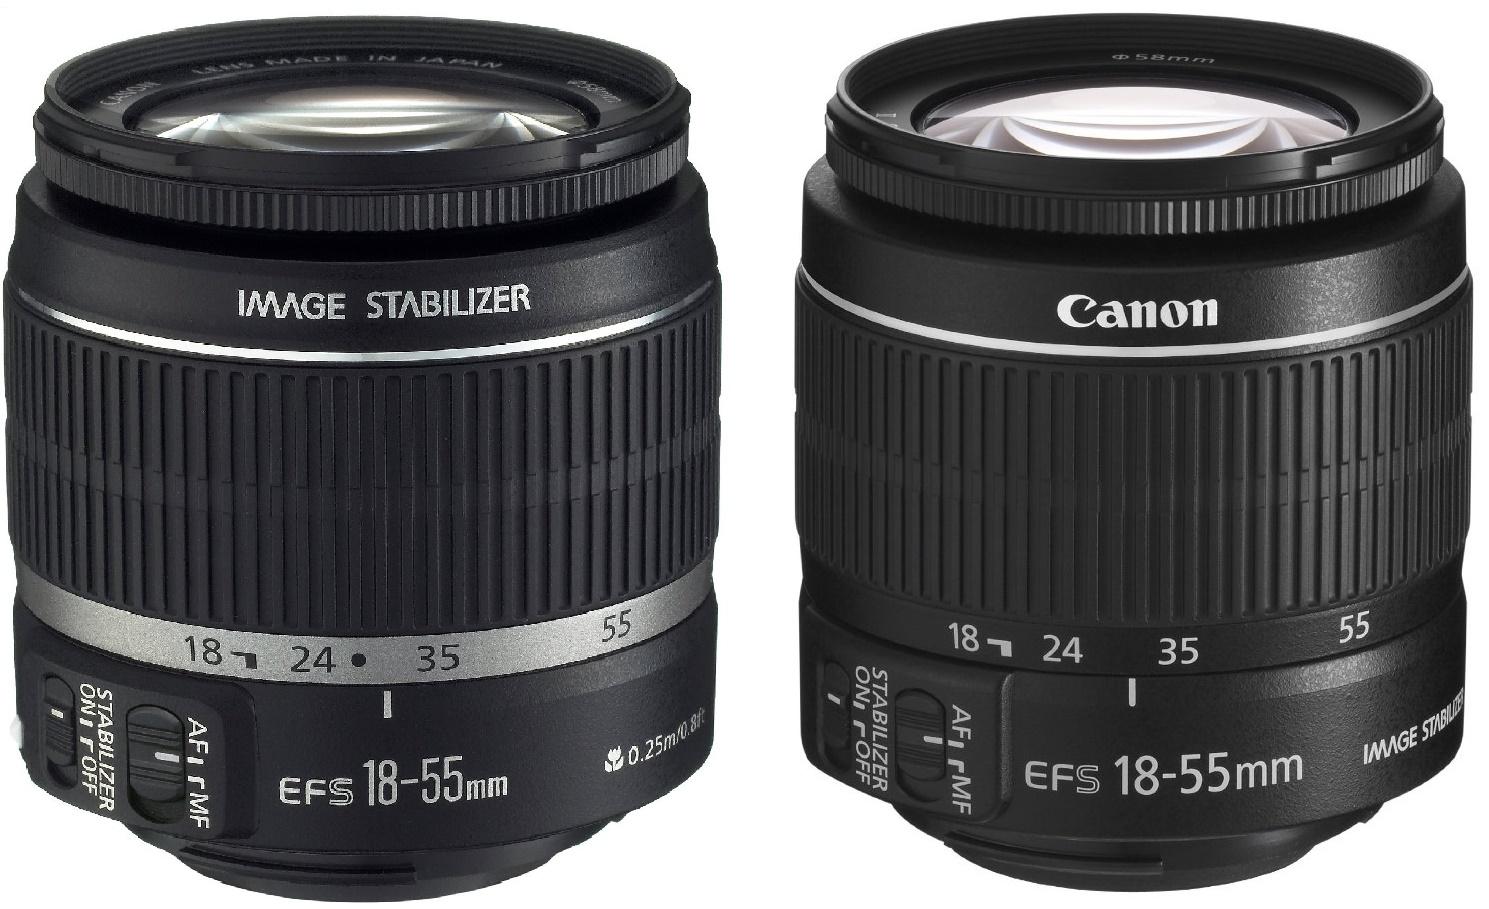 Preiswert und gut: Das Canon EF-S 18-55mm 1:3.5-5.6 IS Objektiv (1. Variante links, 2. Variante rechts)